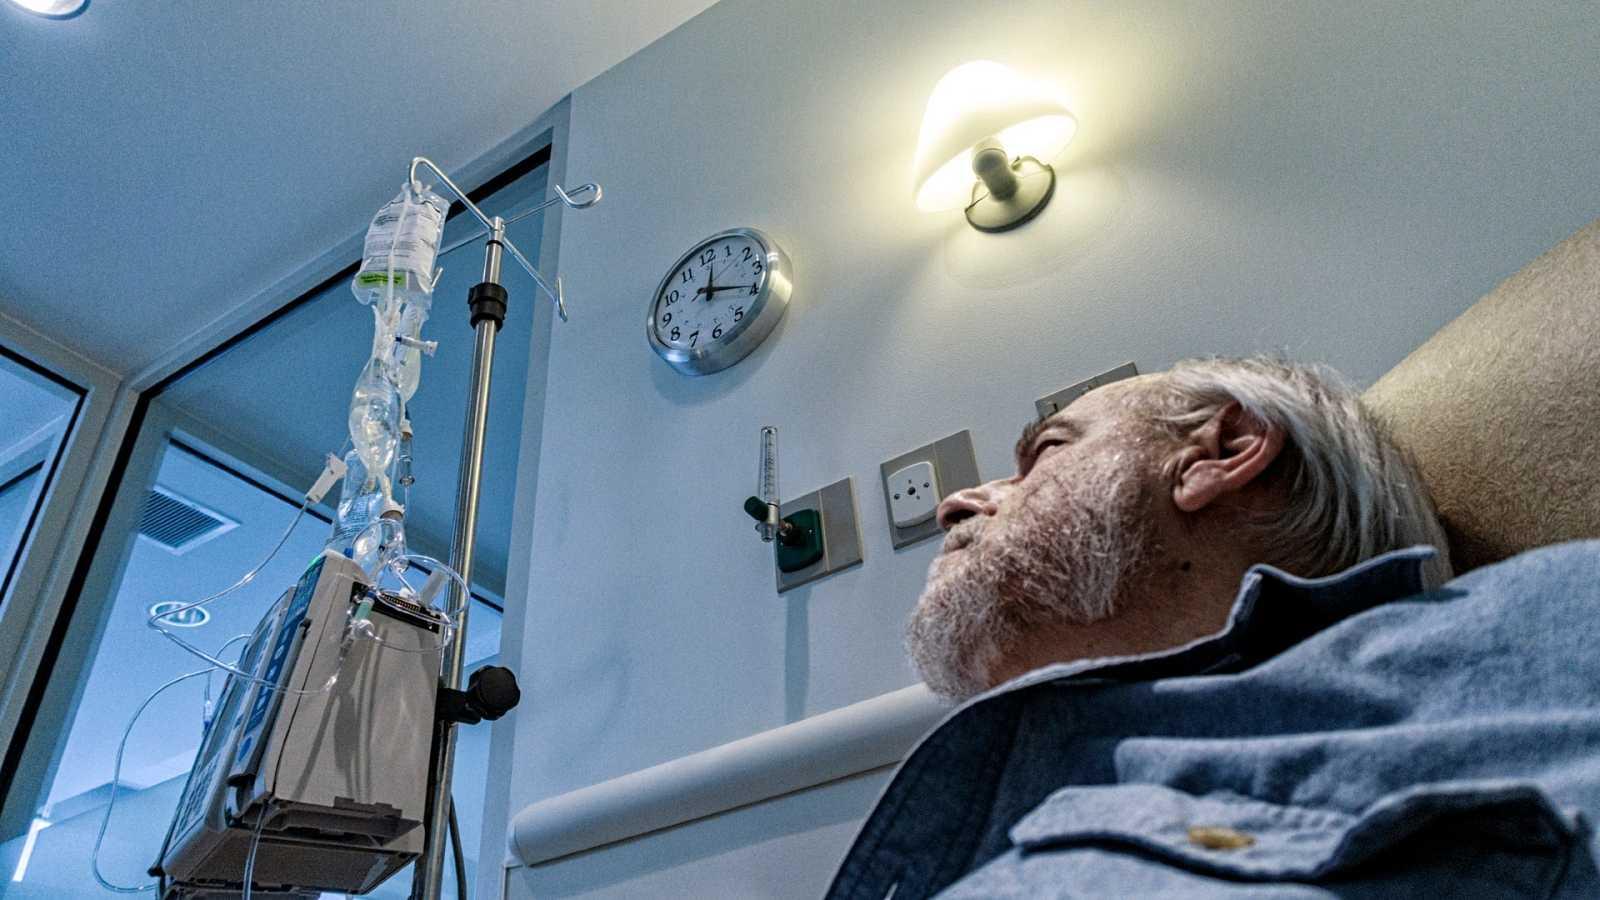 Un paciente de cáncer mira la hora en un reloj mientras recibe su tratamiento.